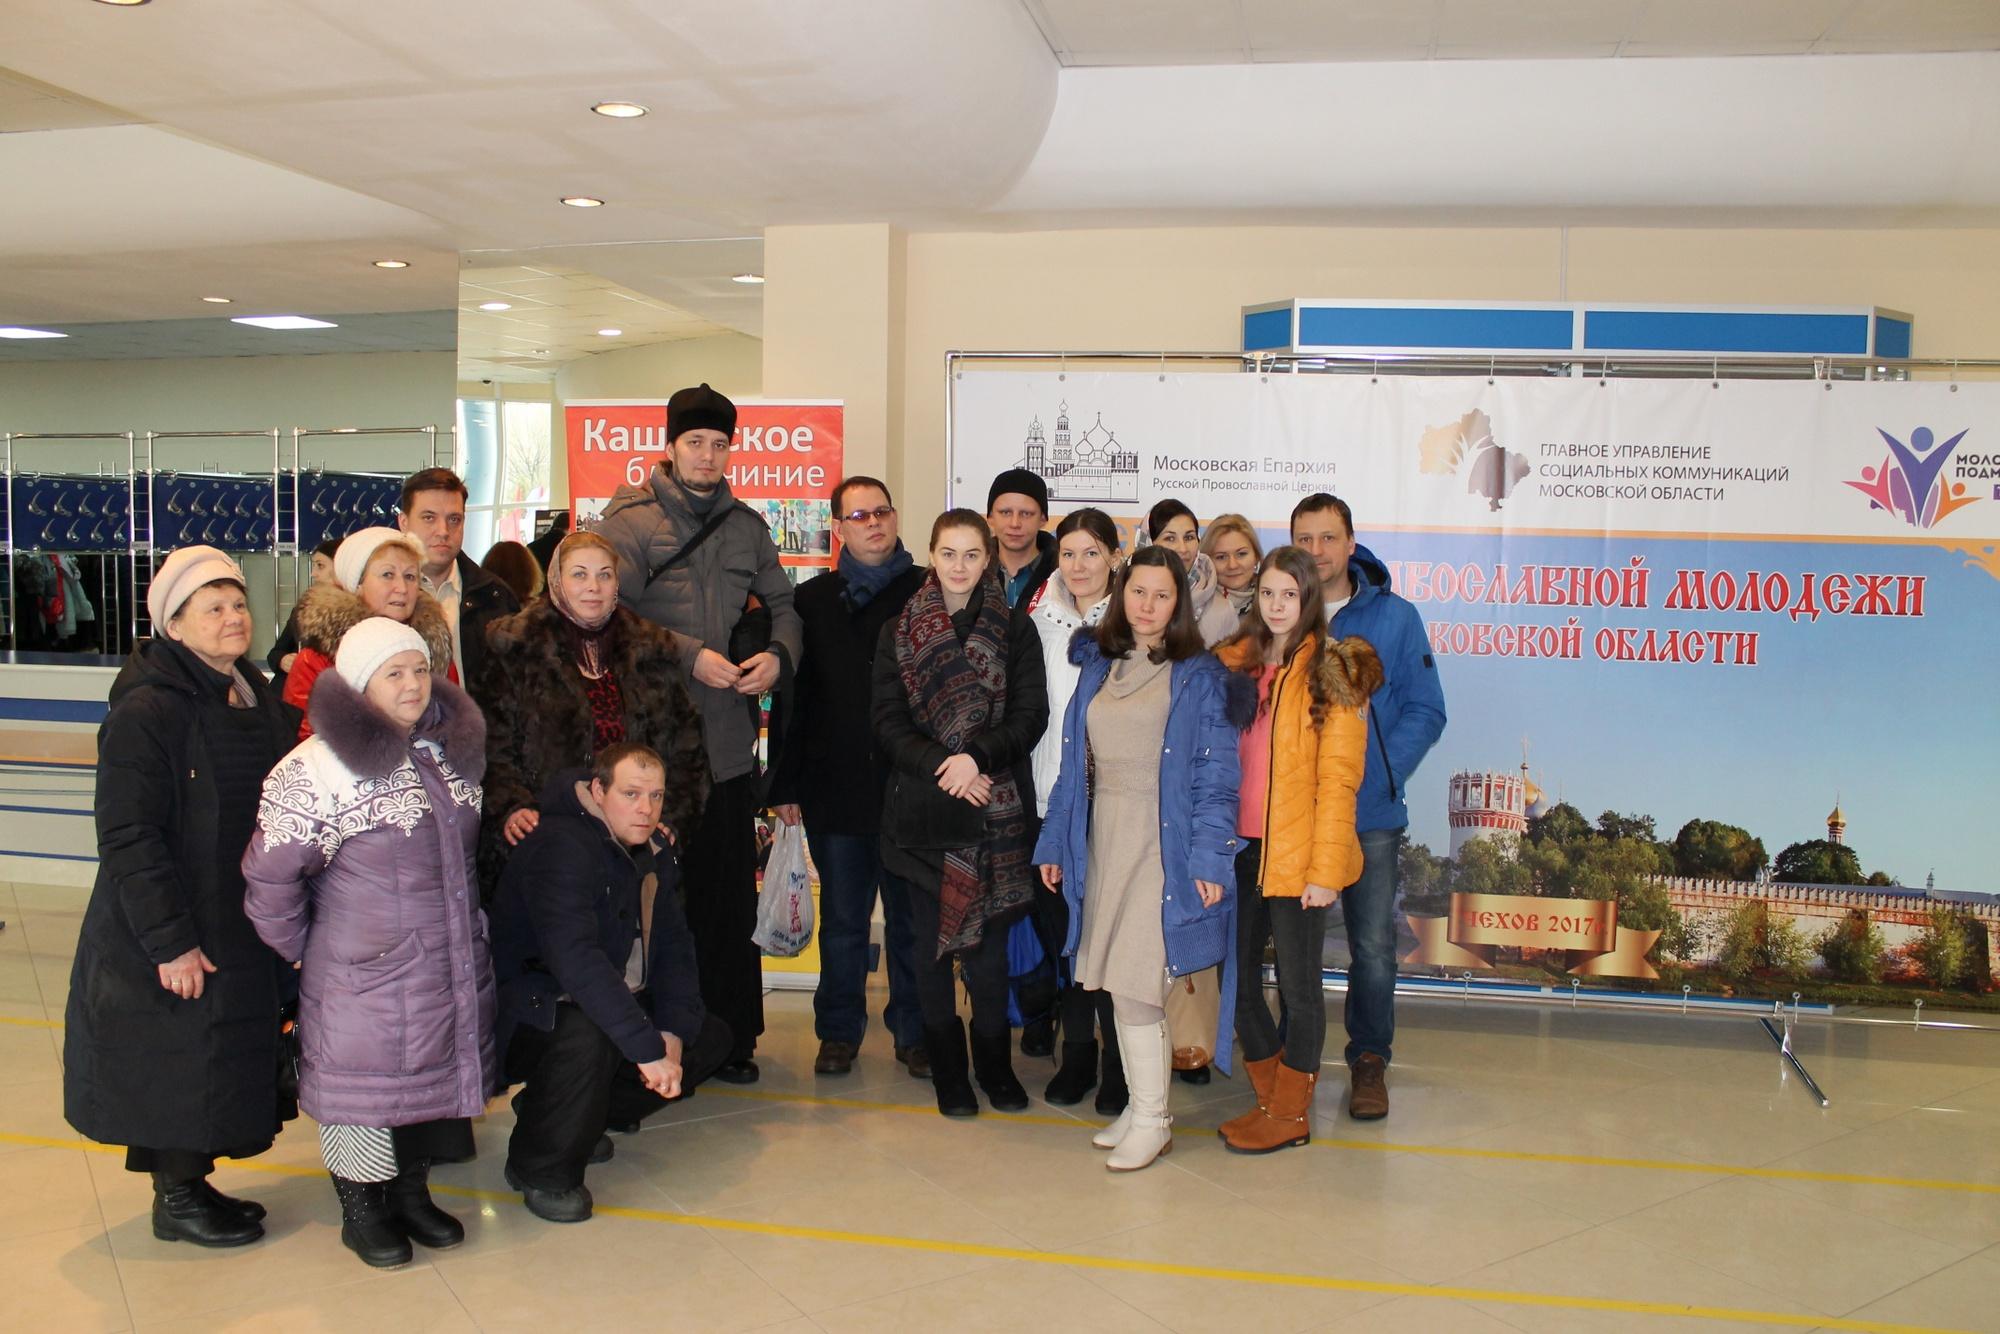 Участие в праздновании XI Дня православной молодежи в Московской области